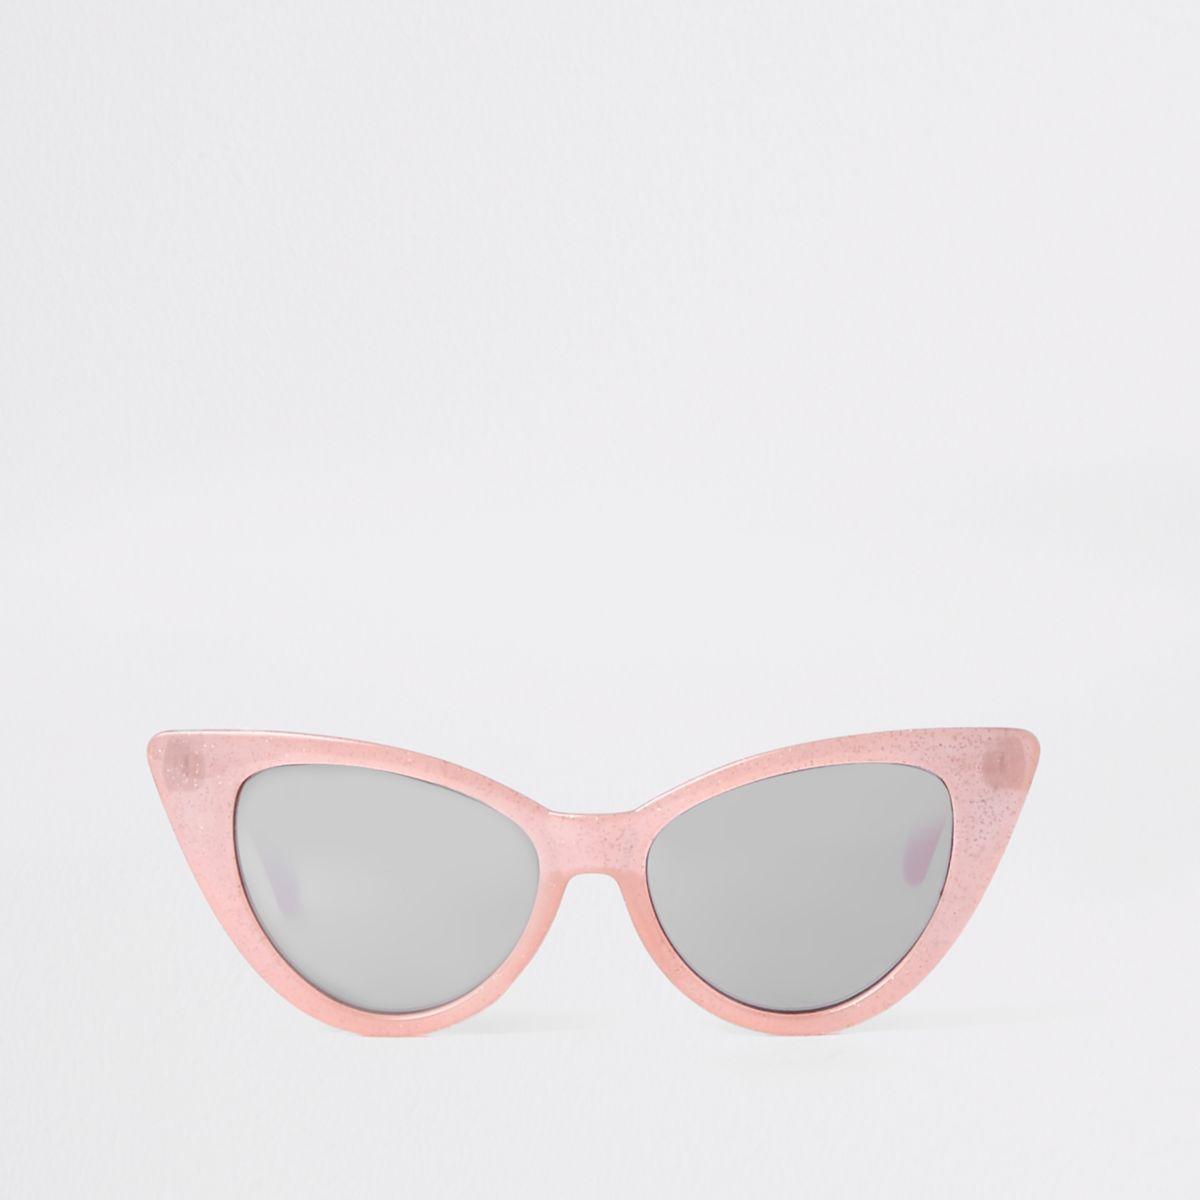 Cateye-Sonnenbrille in Pink-Glitzer